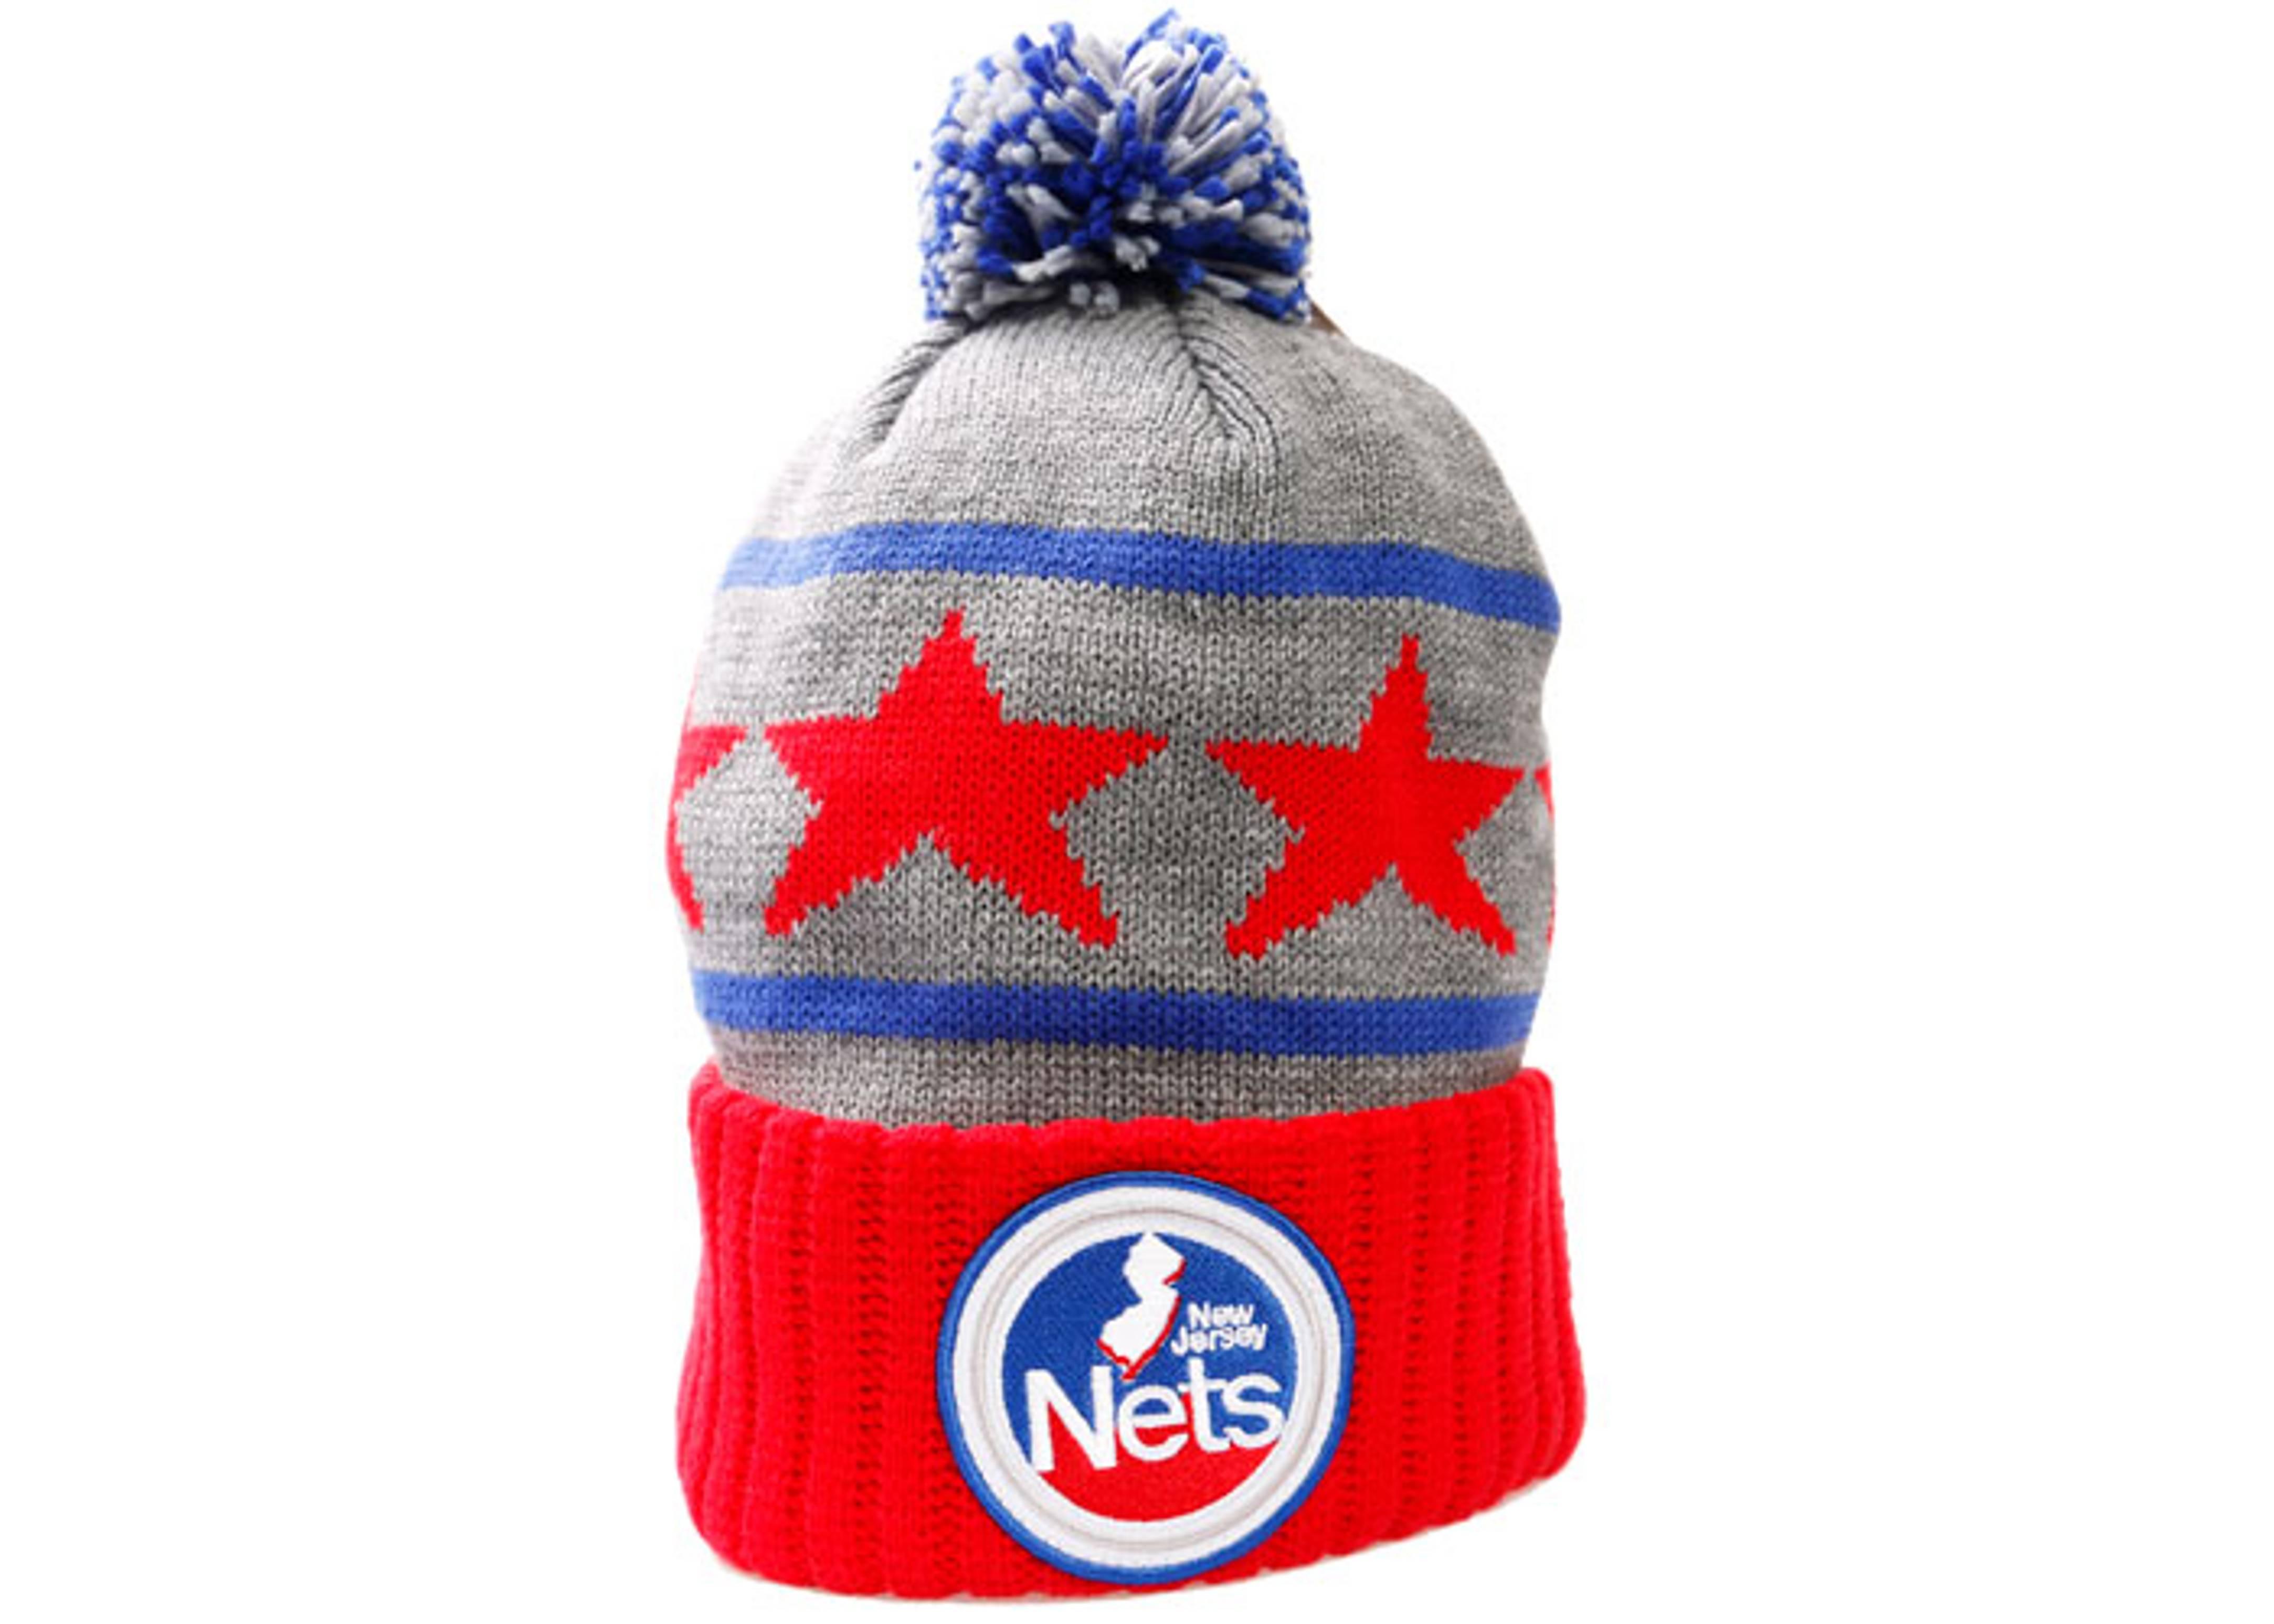 new jersey nets cuffed pom knit beanie